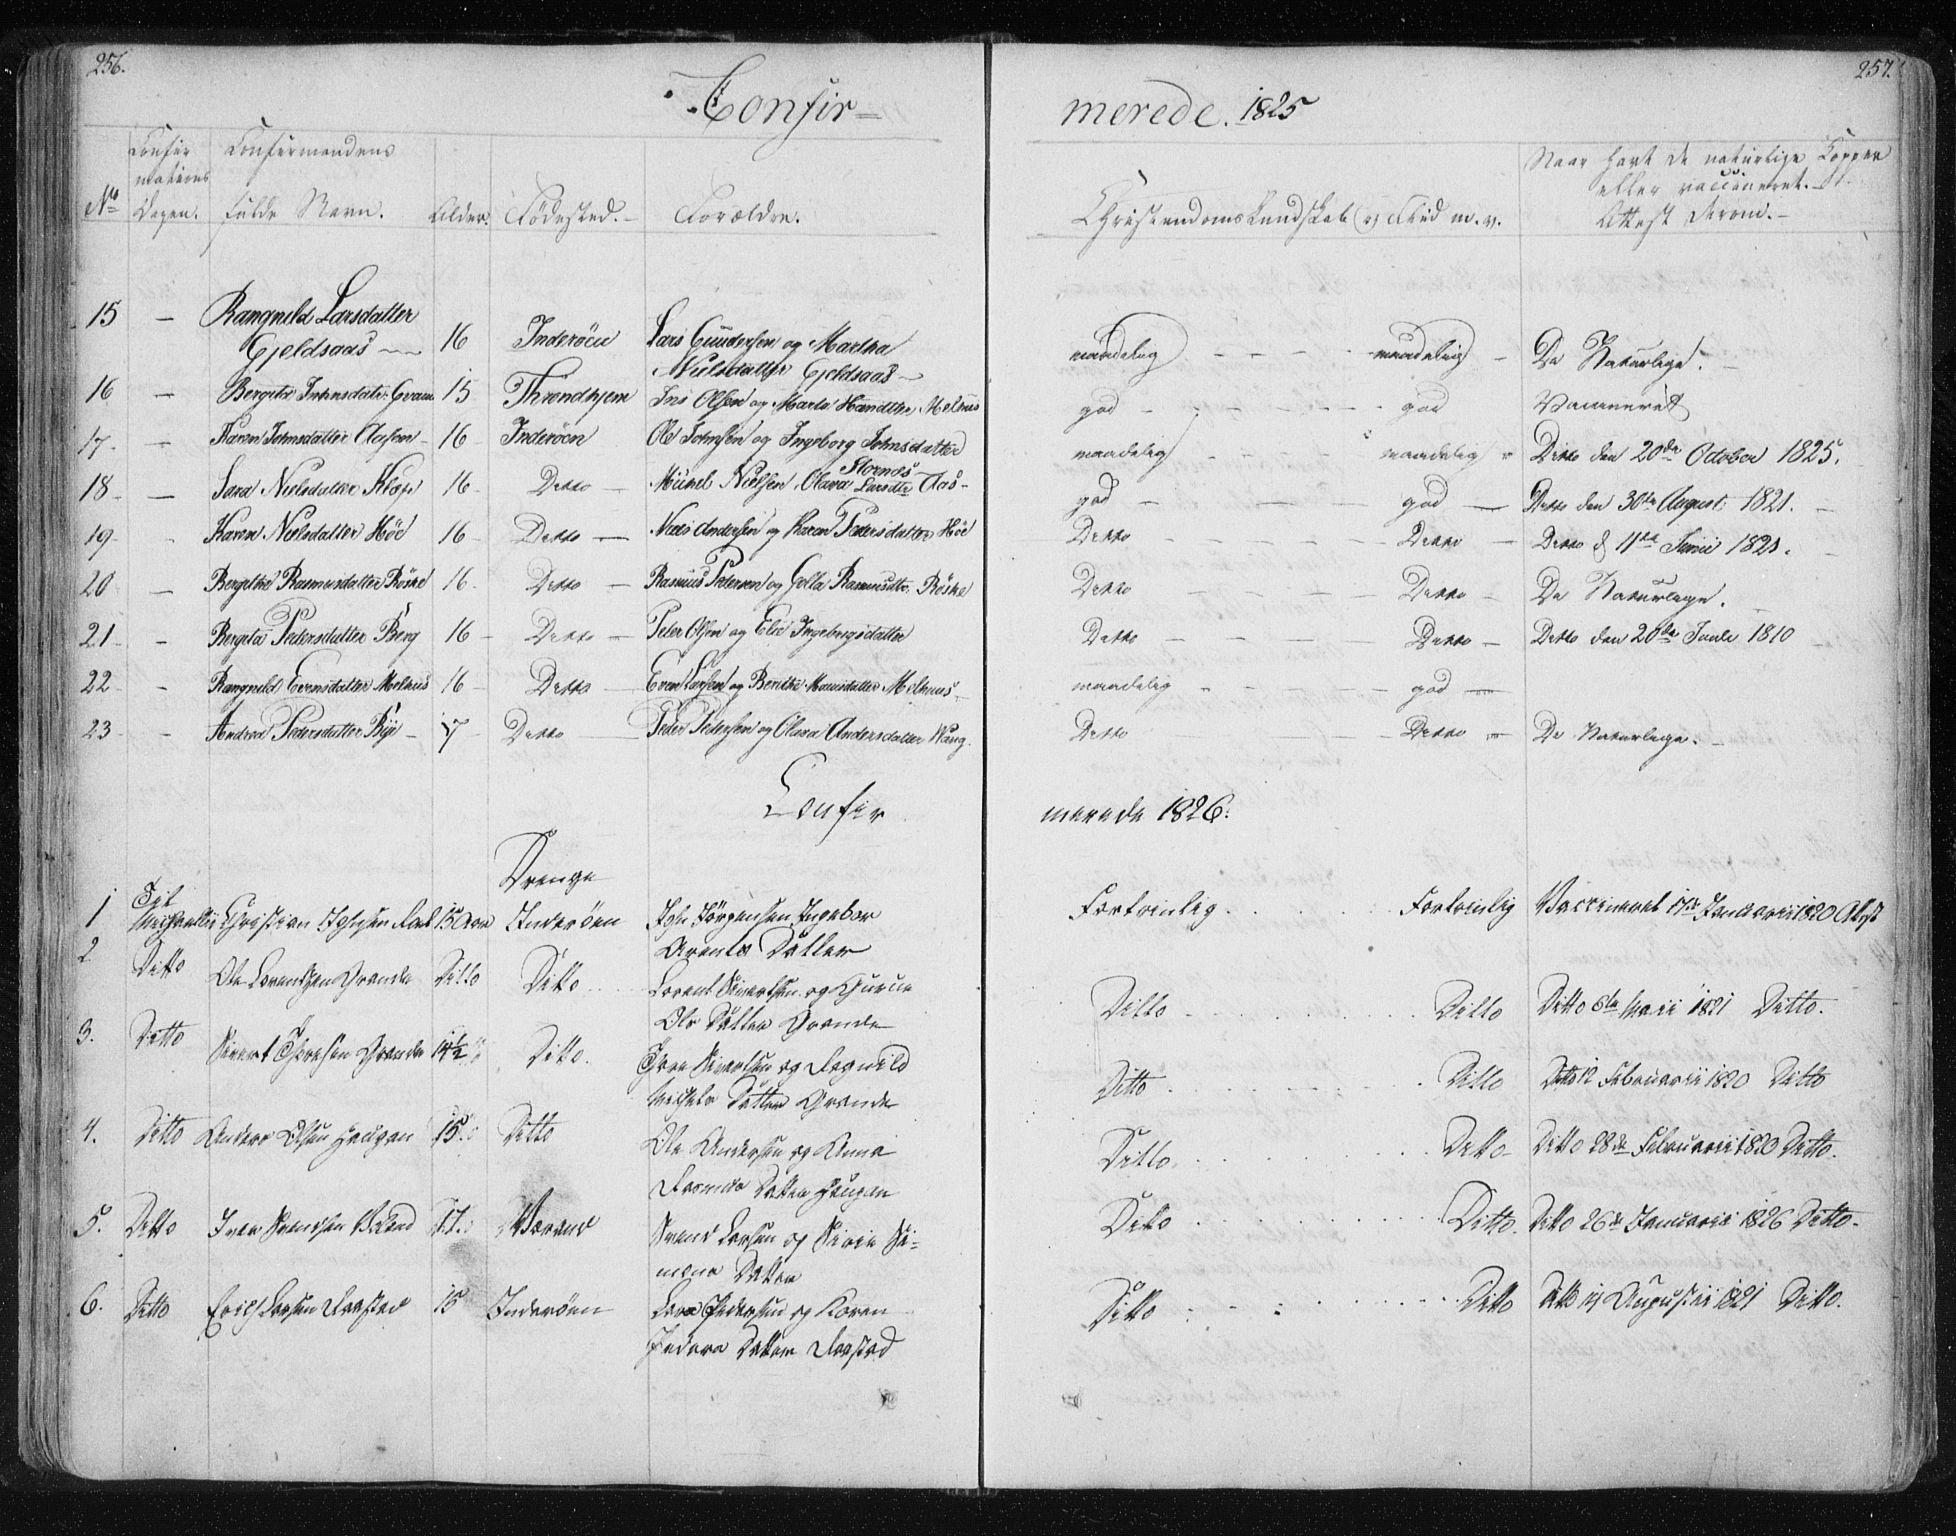 SAT, Ministerialprotokoller, klokkerbøker og fødselsregistre - Nord-Trøndelag, 730/L0276: Ministerialbok nr. 730A05, 1822-1830, s. 256-257